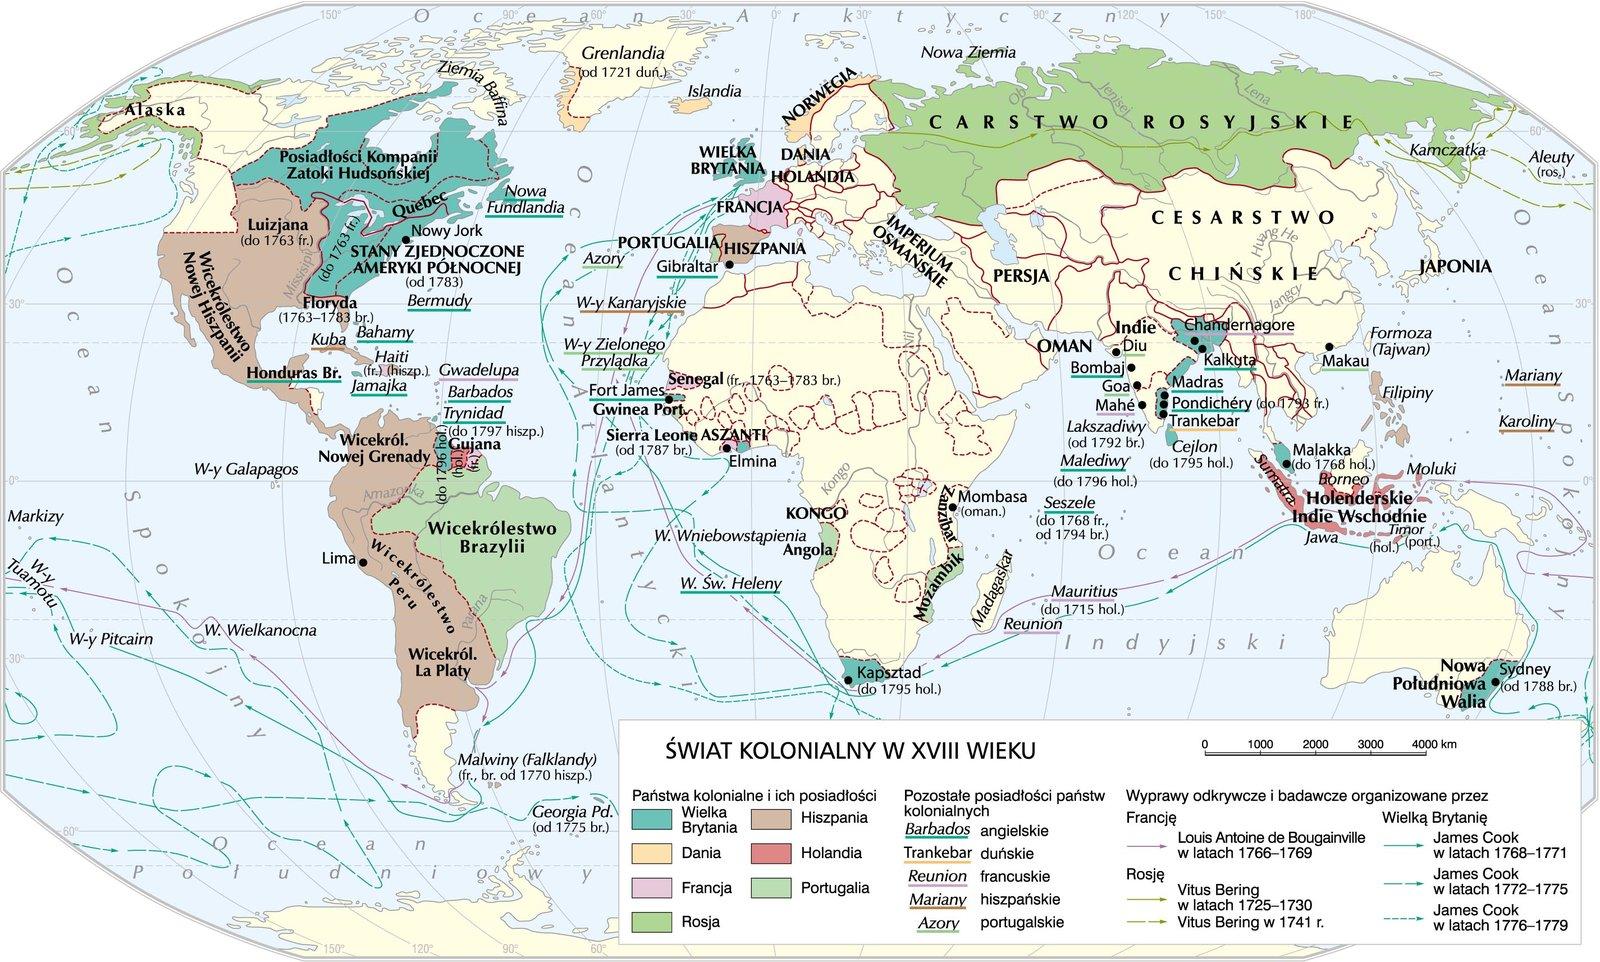 Świat kolonialny wXVIII w. Świat kolonialny wXVIII w. Źródło: Krystian Chariza izespół, licencja: CC BY 4.0.